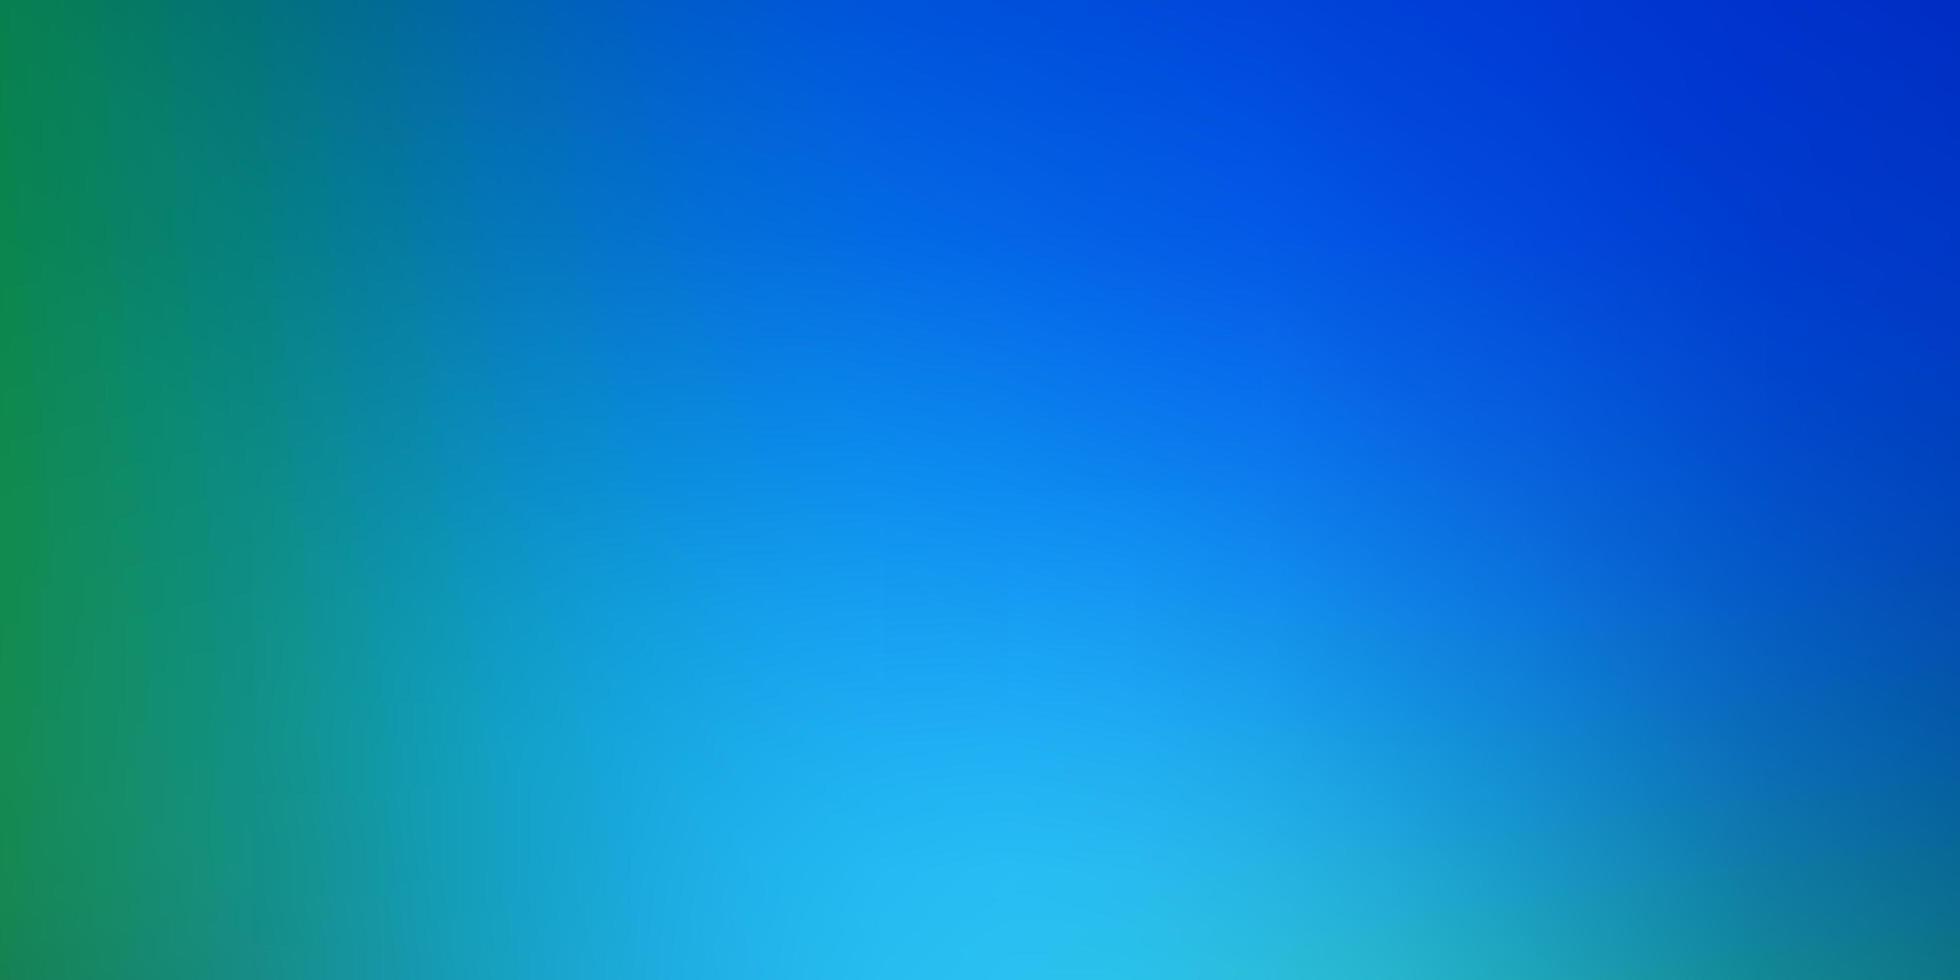 ljusblå, grön vektor abstrakt suddig bakgrund.